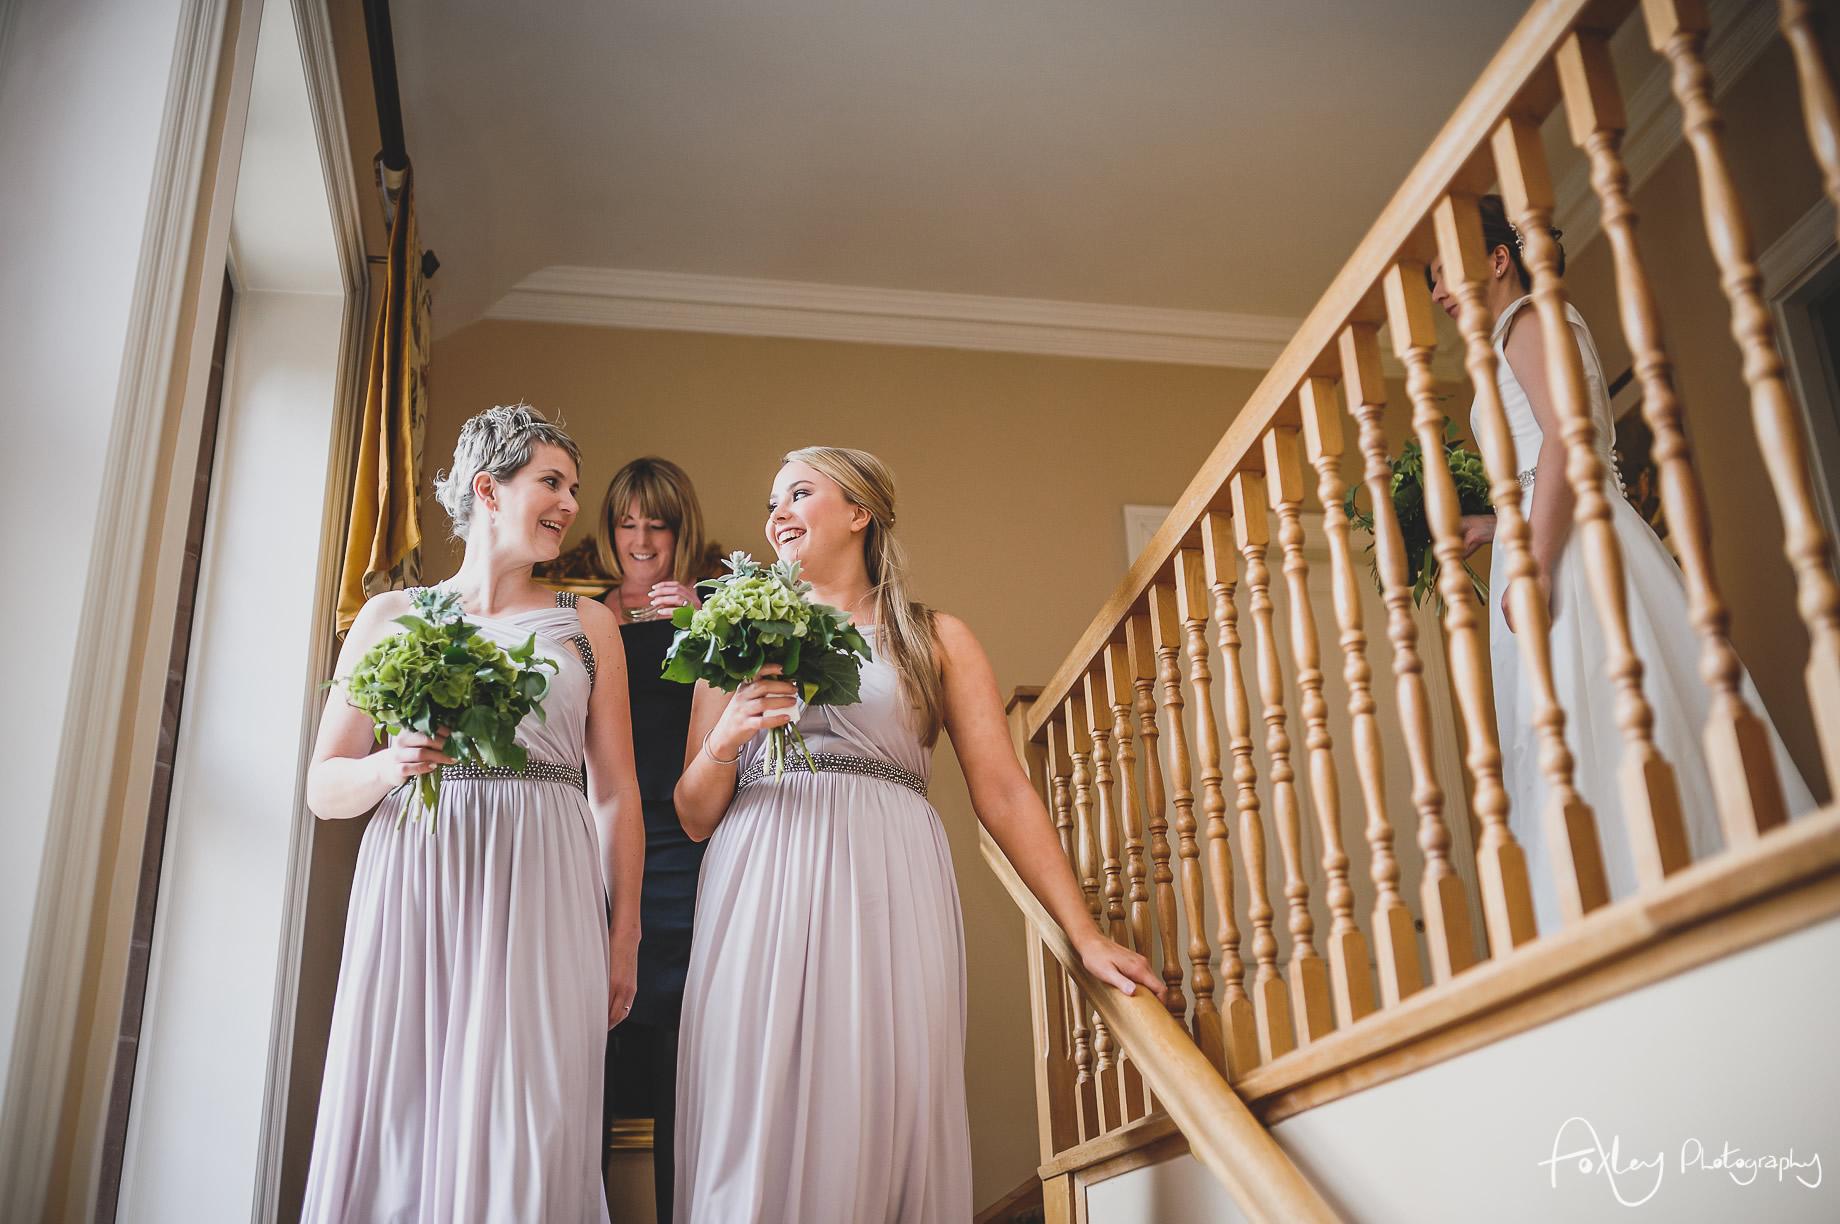 Simona-and-Robert-Wedding-at-Colshaw-Hall-092